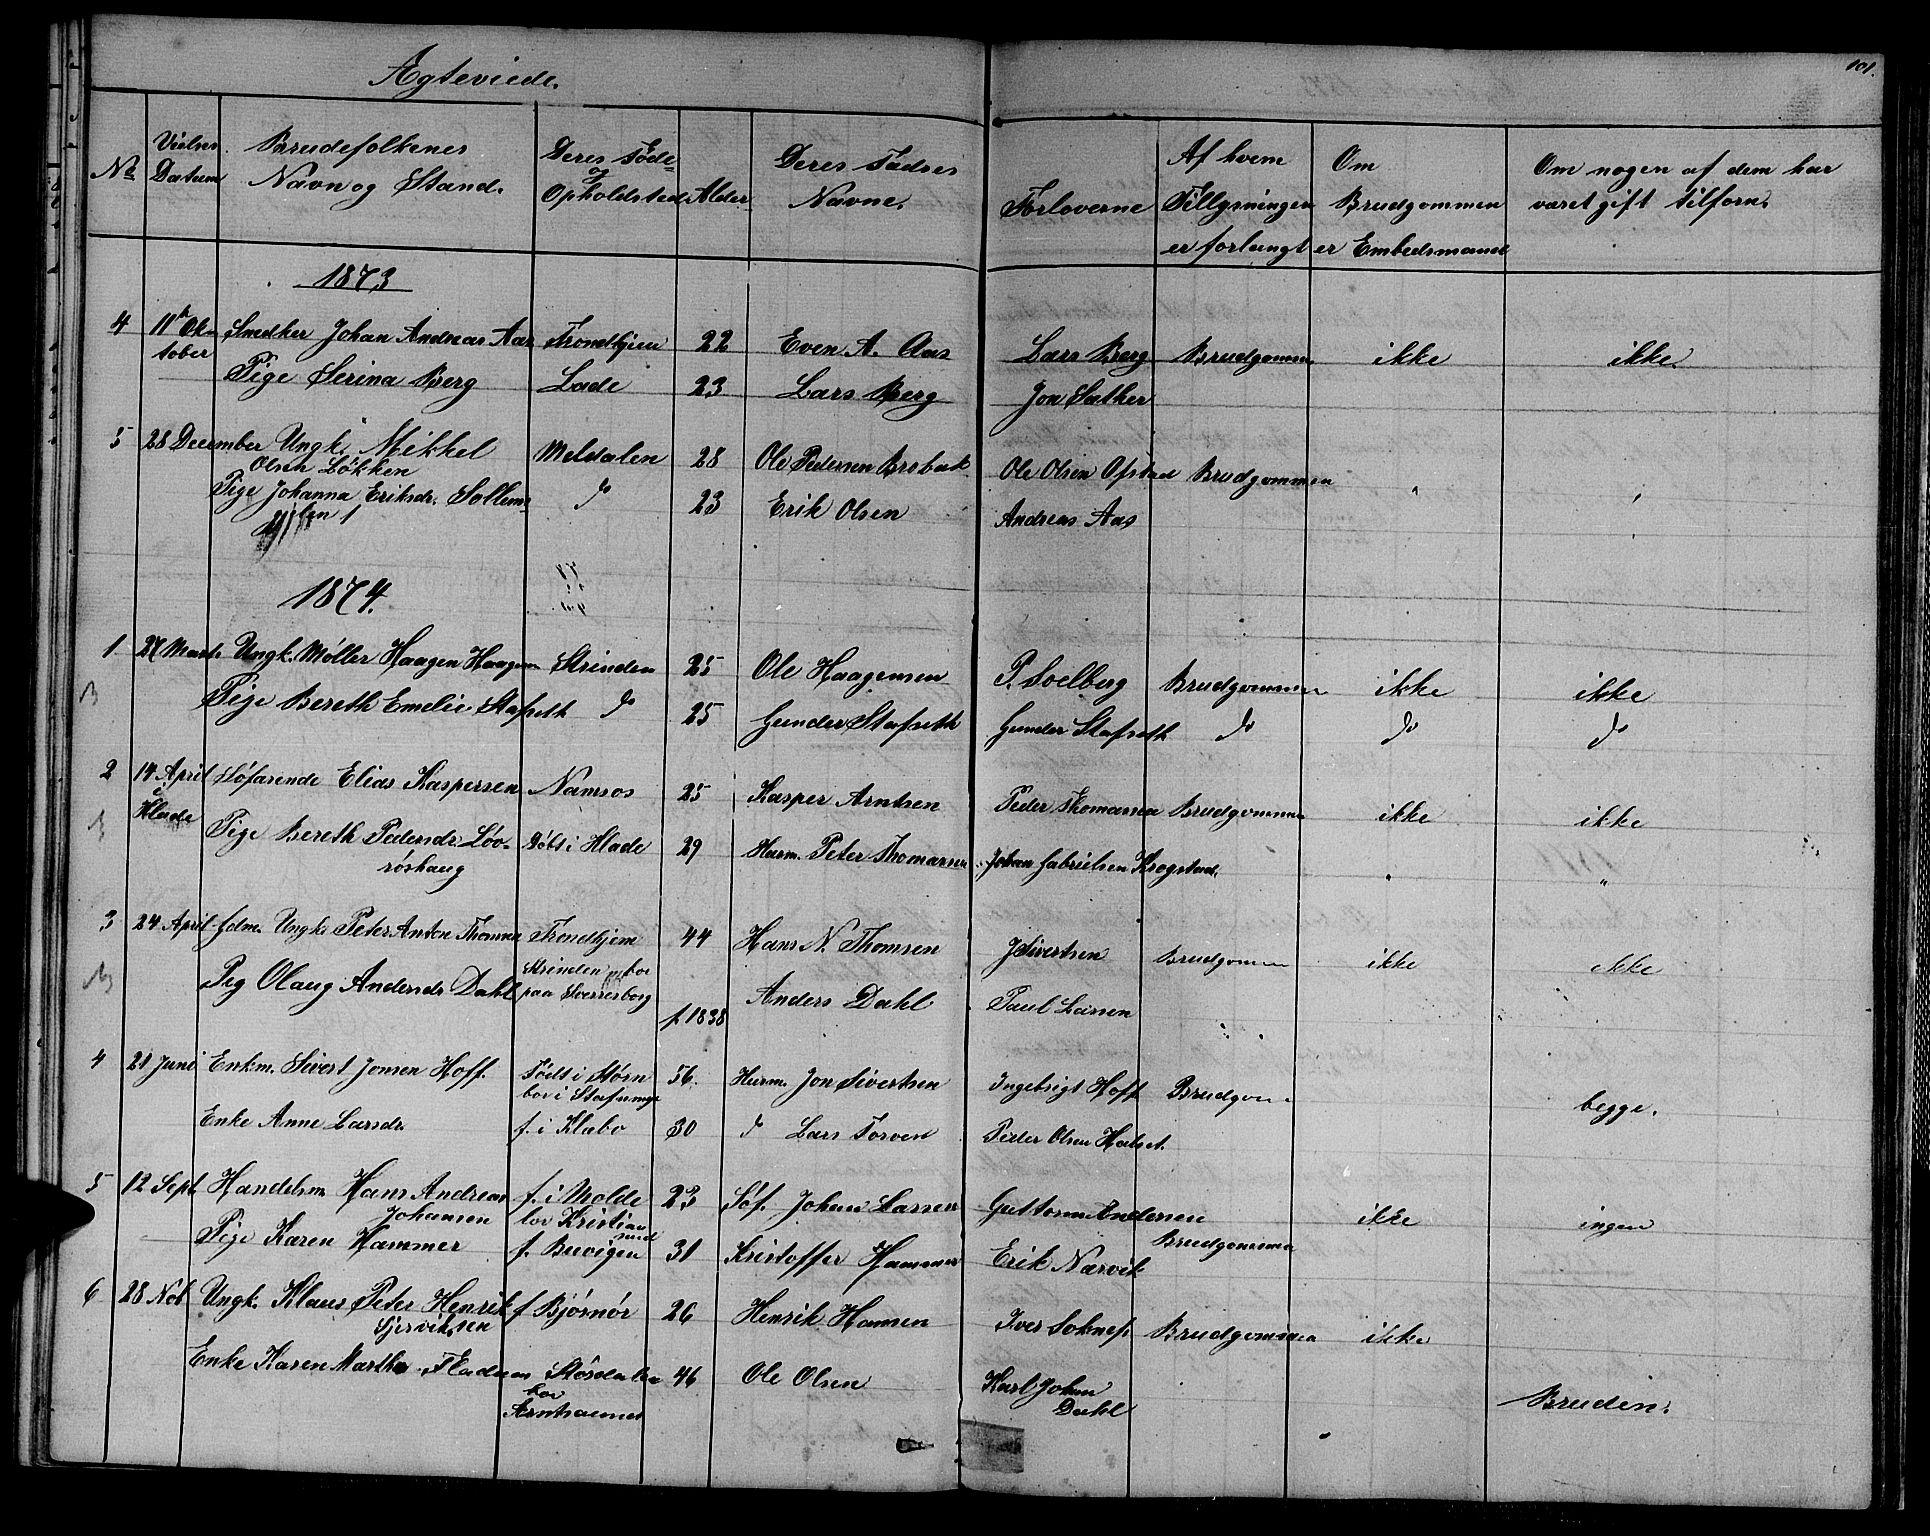 SAT, Ministerialprotokoller, klokkerbøker og fødselsregistre - Sør-Trøndelag, 611/L0353: Klokkerbok nr. 611C01, 1854-1881, s. 101